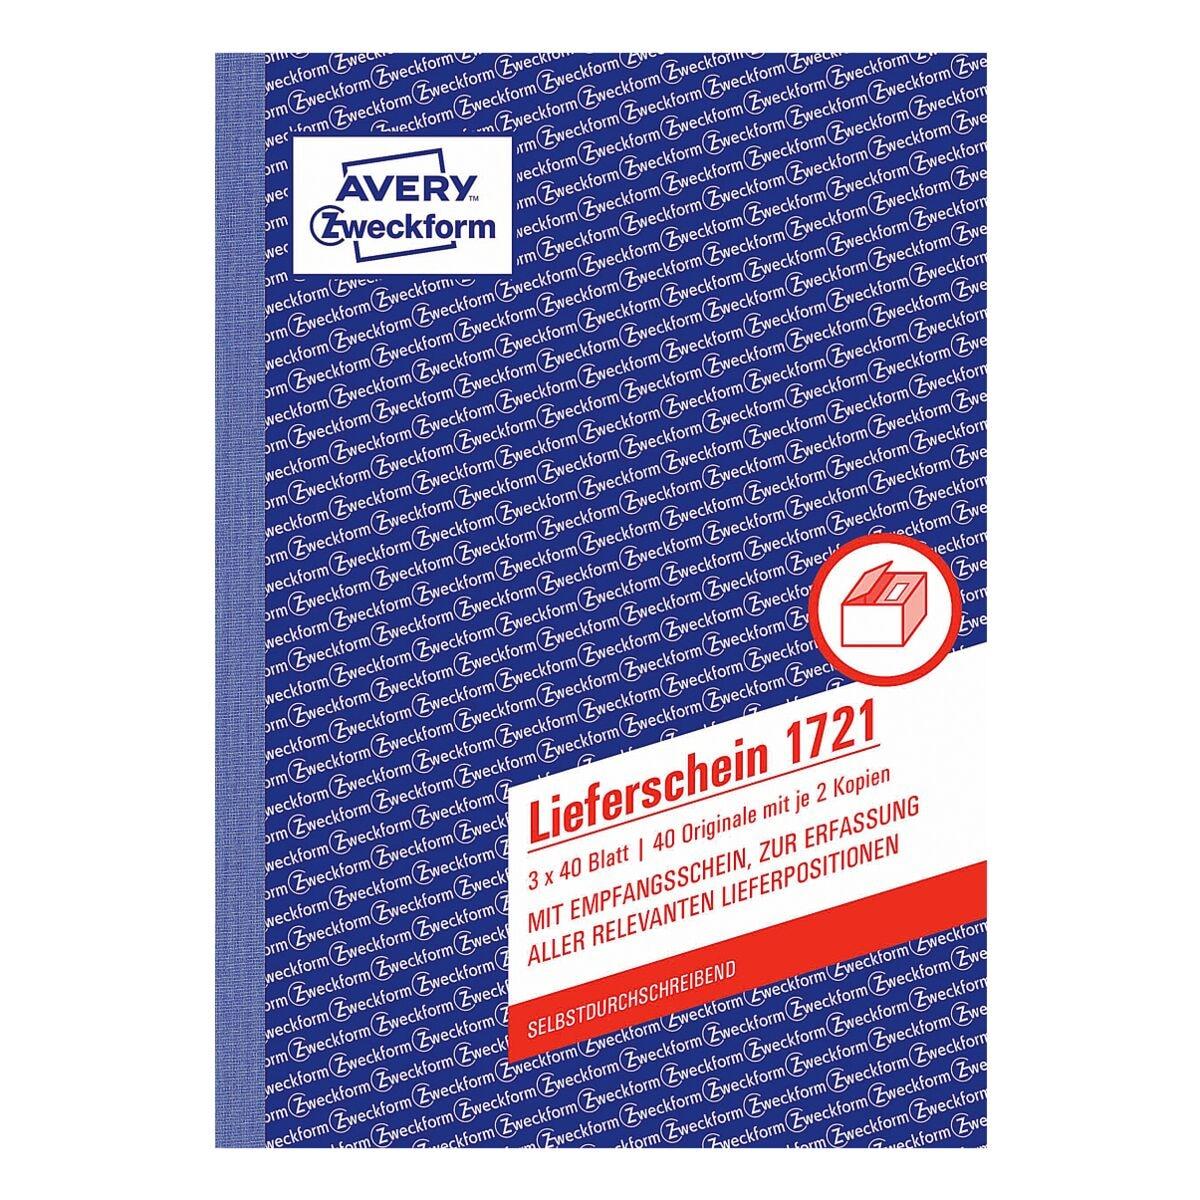 Avery Zweckform Lieferschein »1721« A5 SD mit Empfangsschein